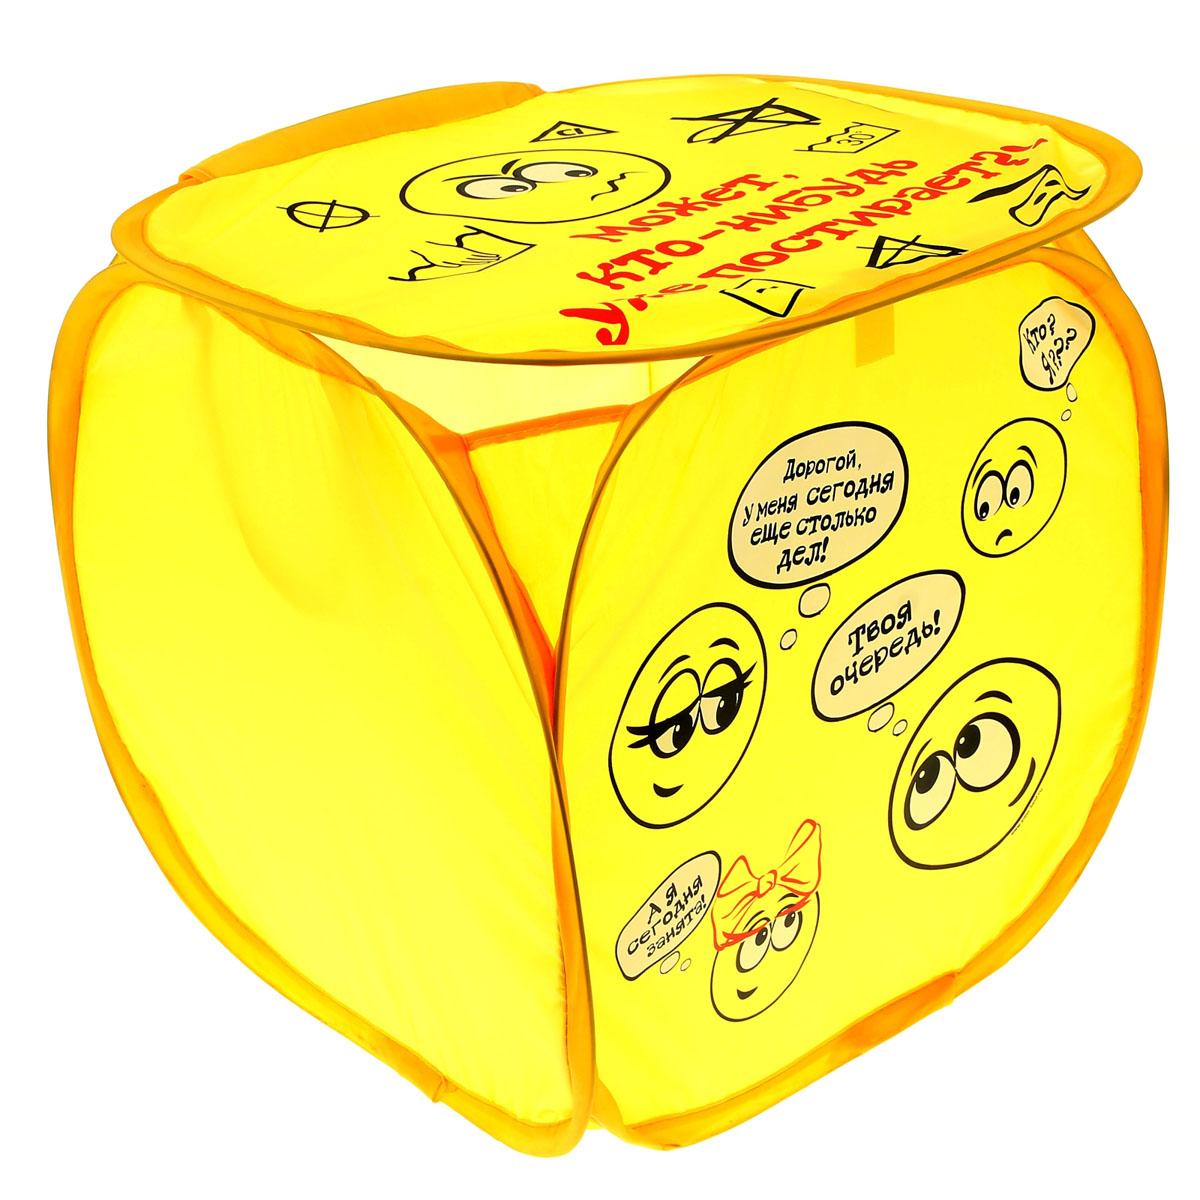 Корзина для белья Sima-land Может кто-нибудь постирает?, цвет: желтый, 35 х 35 см 35 смRG-D31SКорзина для белья Sima-land Может кто-нибудь постирает? изготовлена из текстиля. Материал легкий, обеспечивает вентиляцию белья. Удобная, практичная и оригинальная корзина для белья декорирована изображением забавных комиксов и предназначена для сбора и хранения вещей перед стиркой. Вместительная корзина выполнена в форме куба. Сверху имеются ручки для переноски и крышка. Корзина для белья Sima-land Может кто-нибудь постирает? станет оригинальным украшением интерьера ванной комнаты.